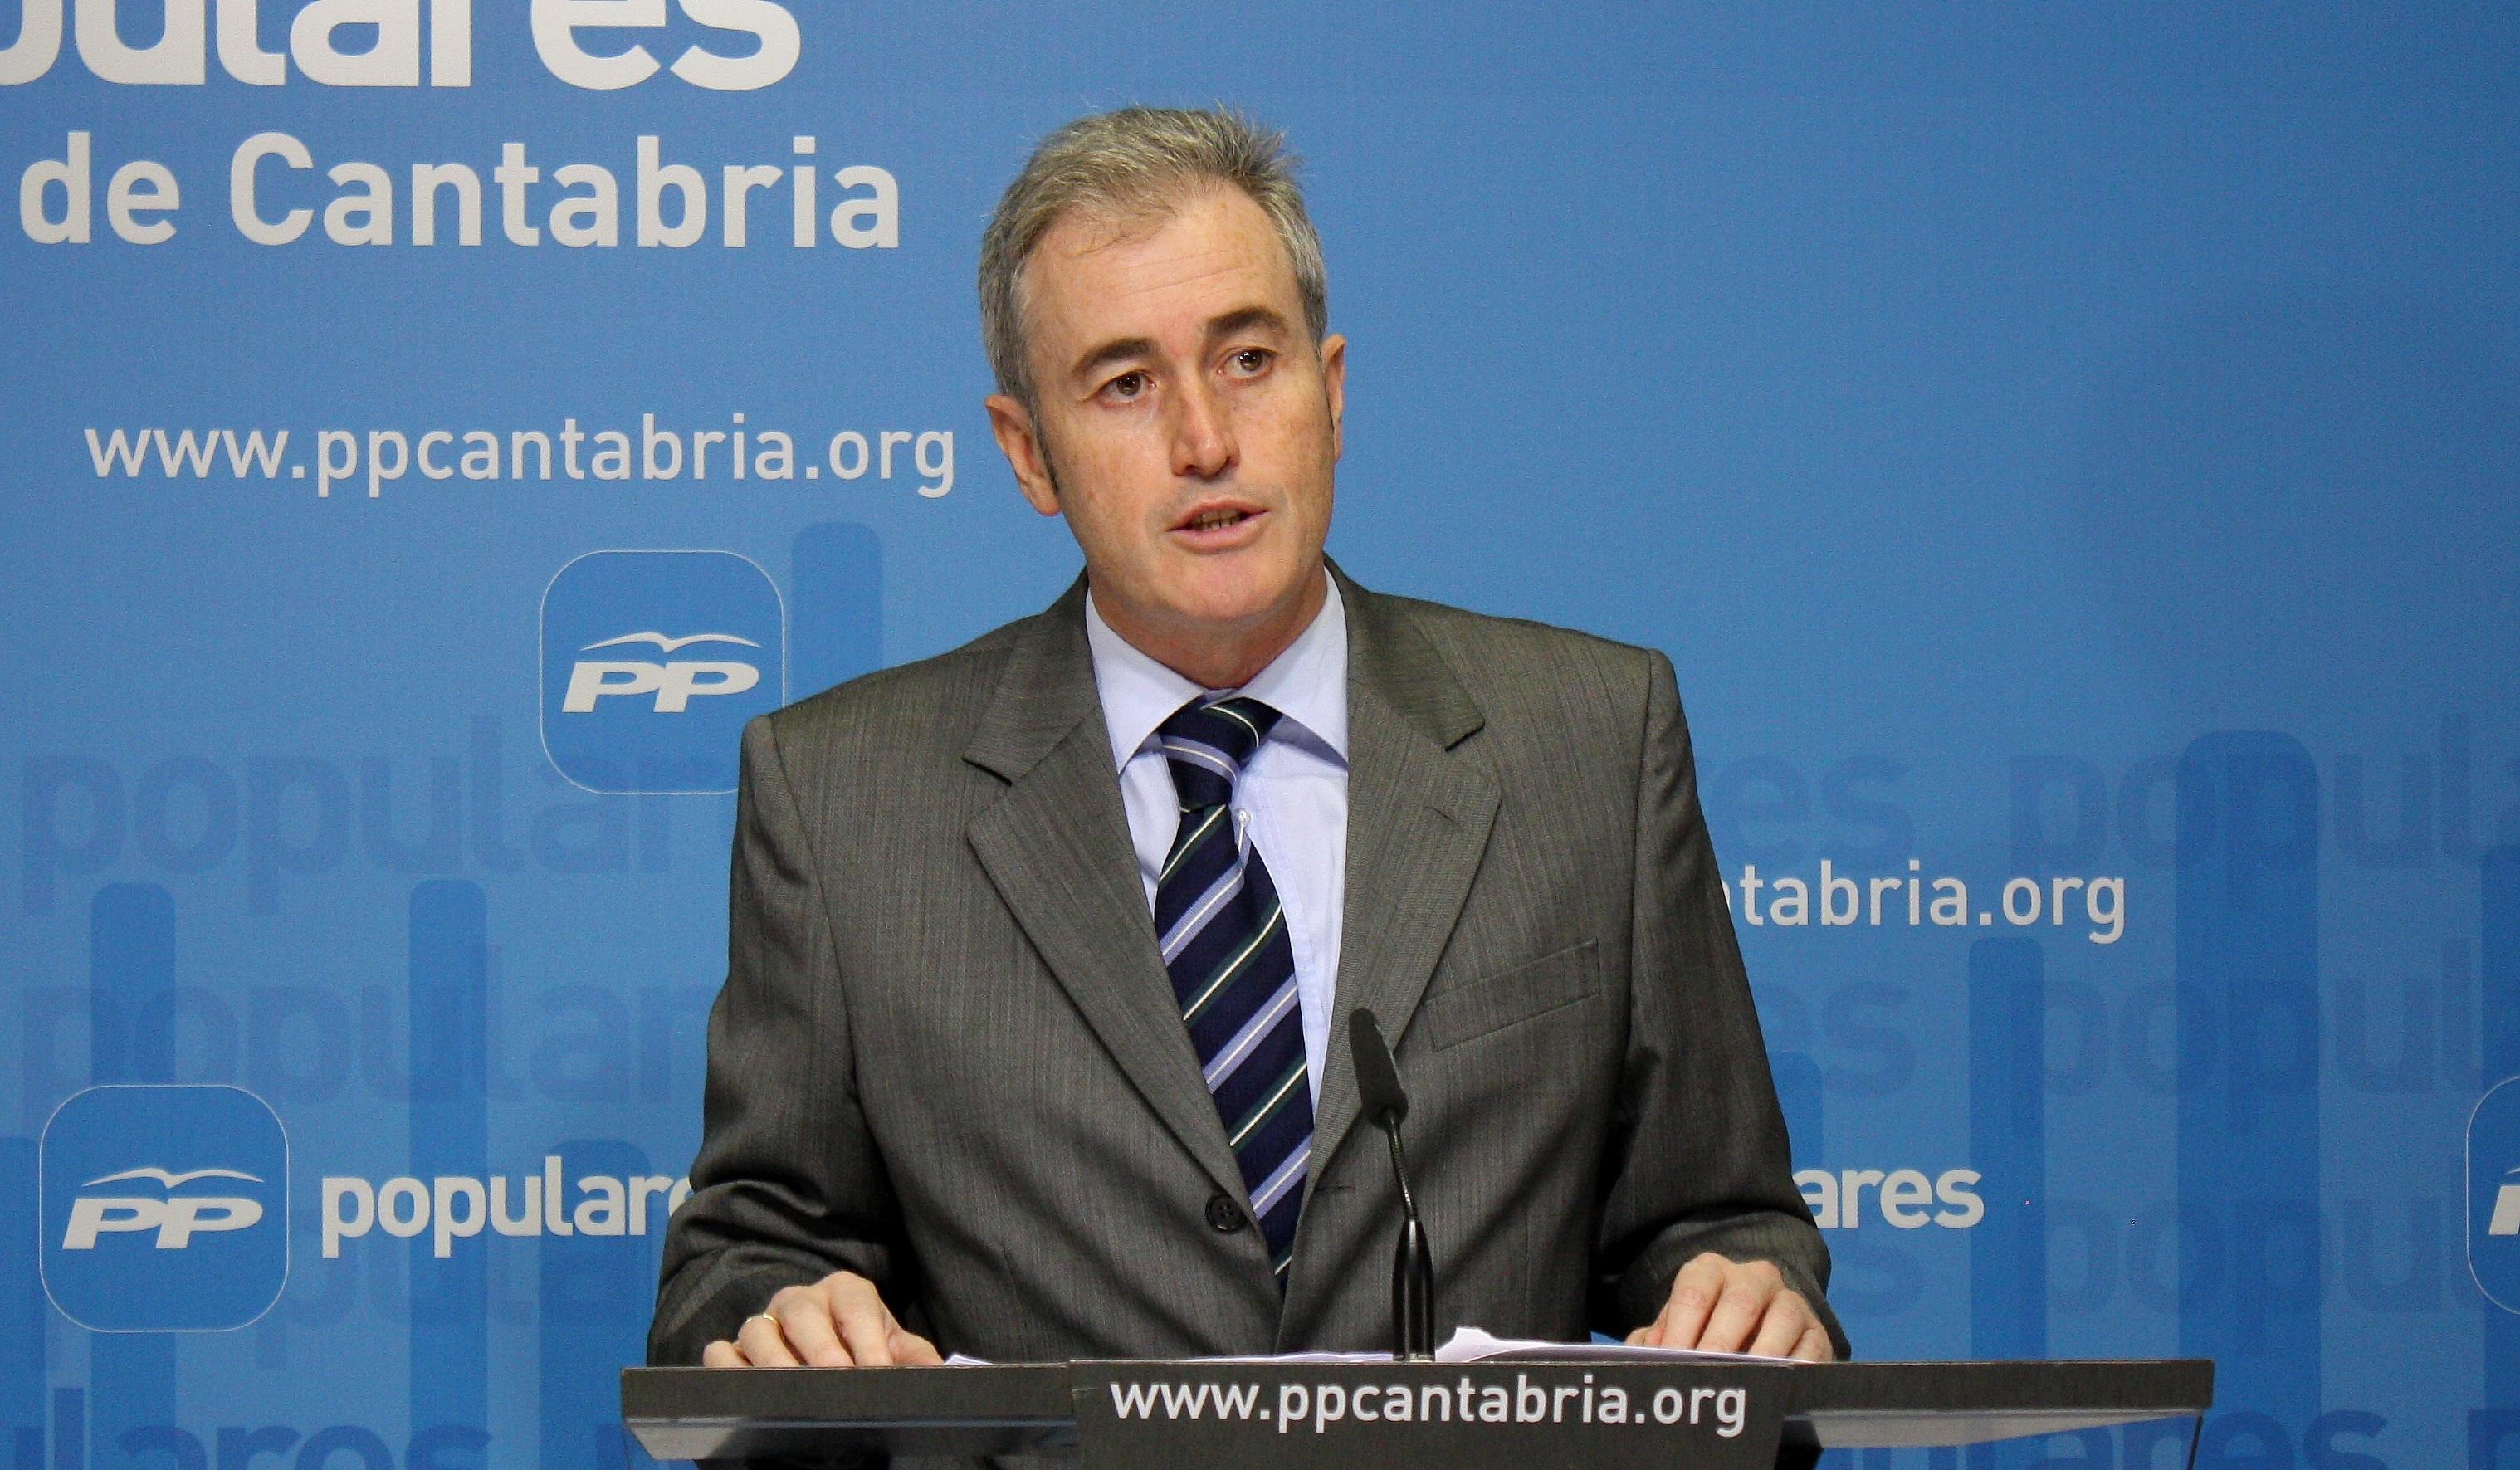 El PP defiende un «mayor equilibrio entre protección del litoral y desarrollo» en sus enmiendas a la reforma del POL